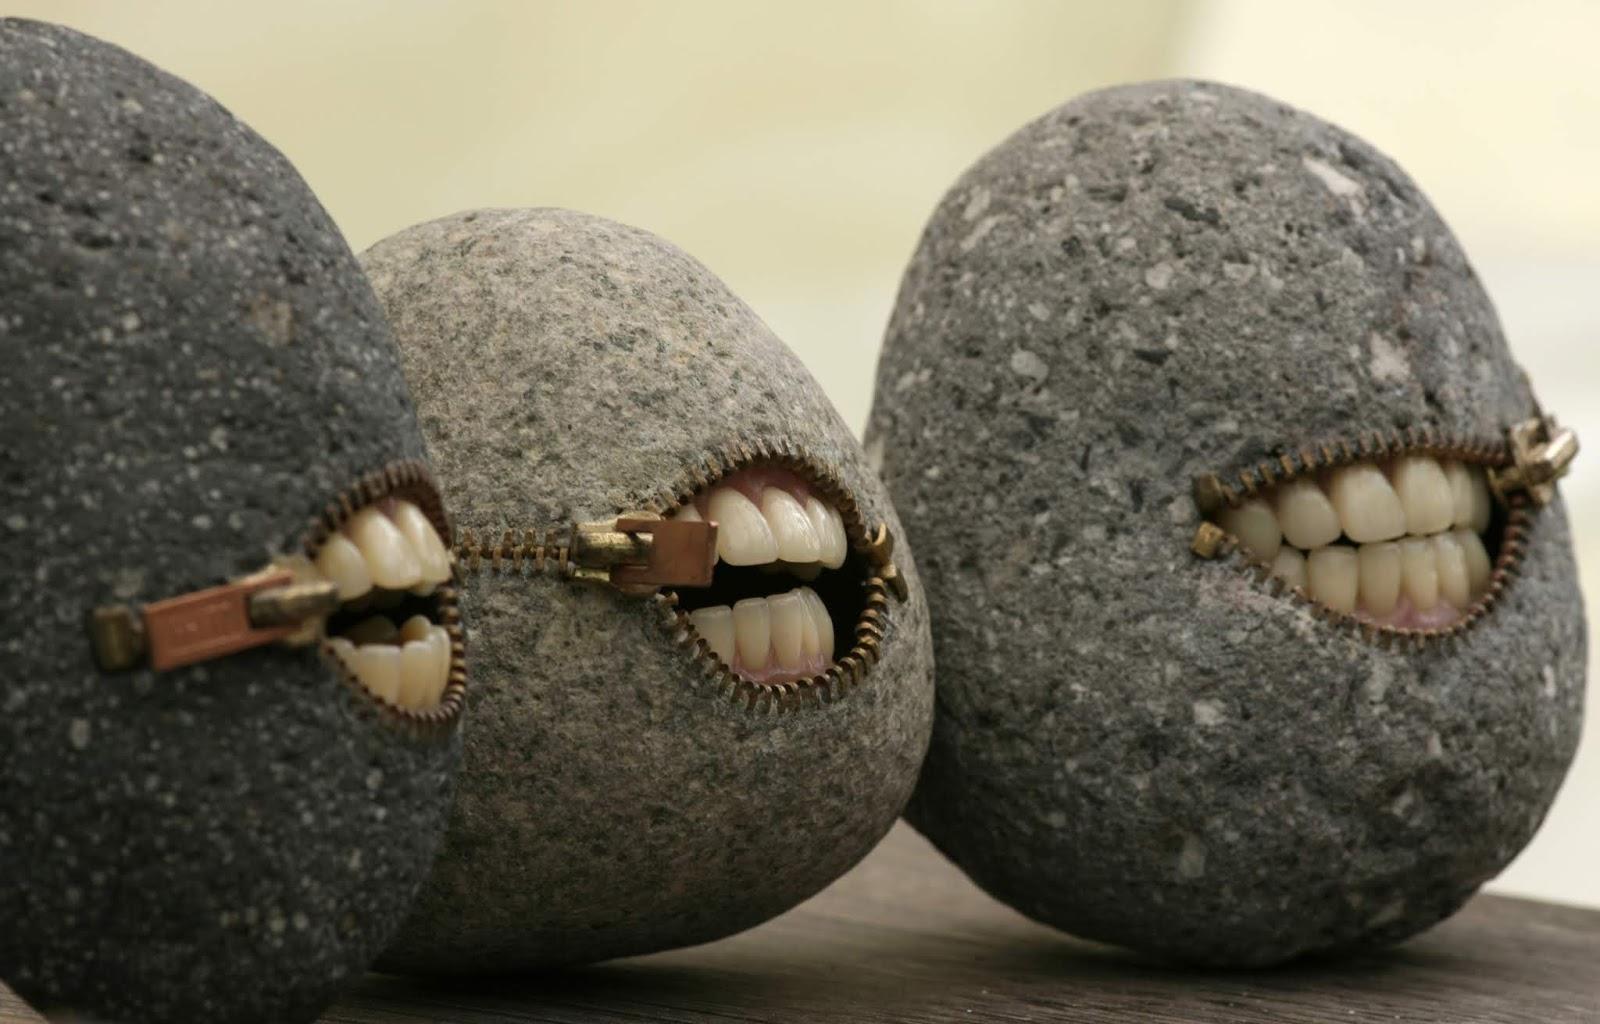 فن من مكان آخر .. حين تتحول الصخور لأداة فنيّة مذهلة!